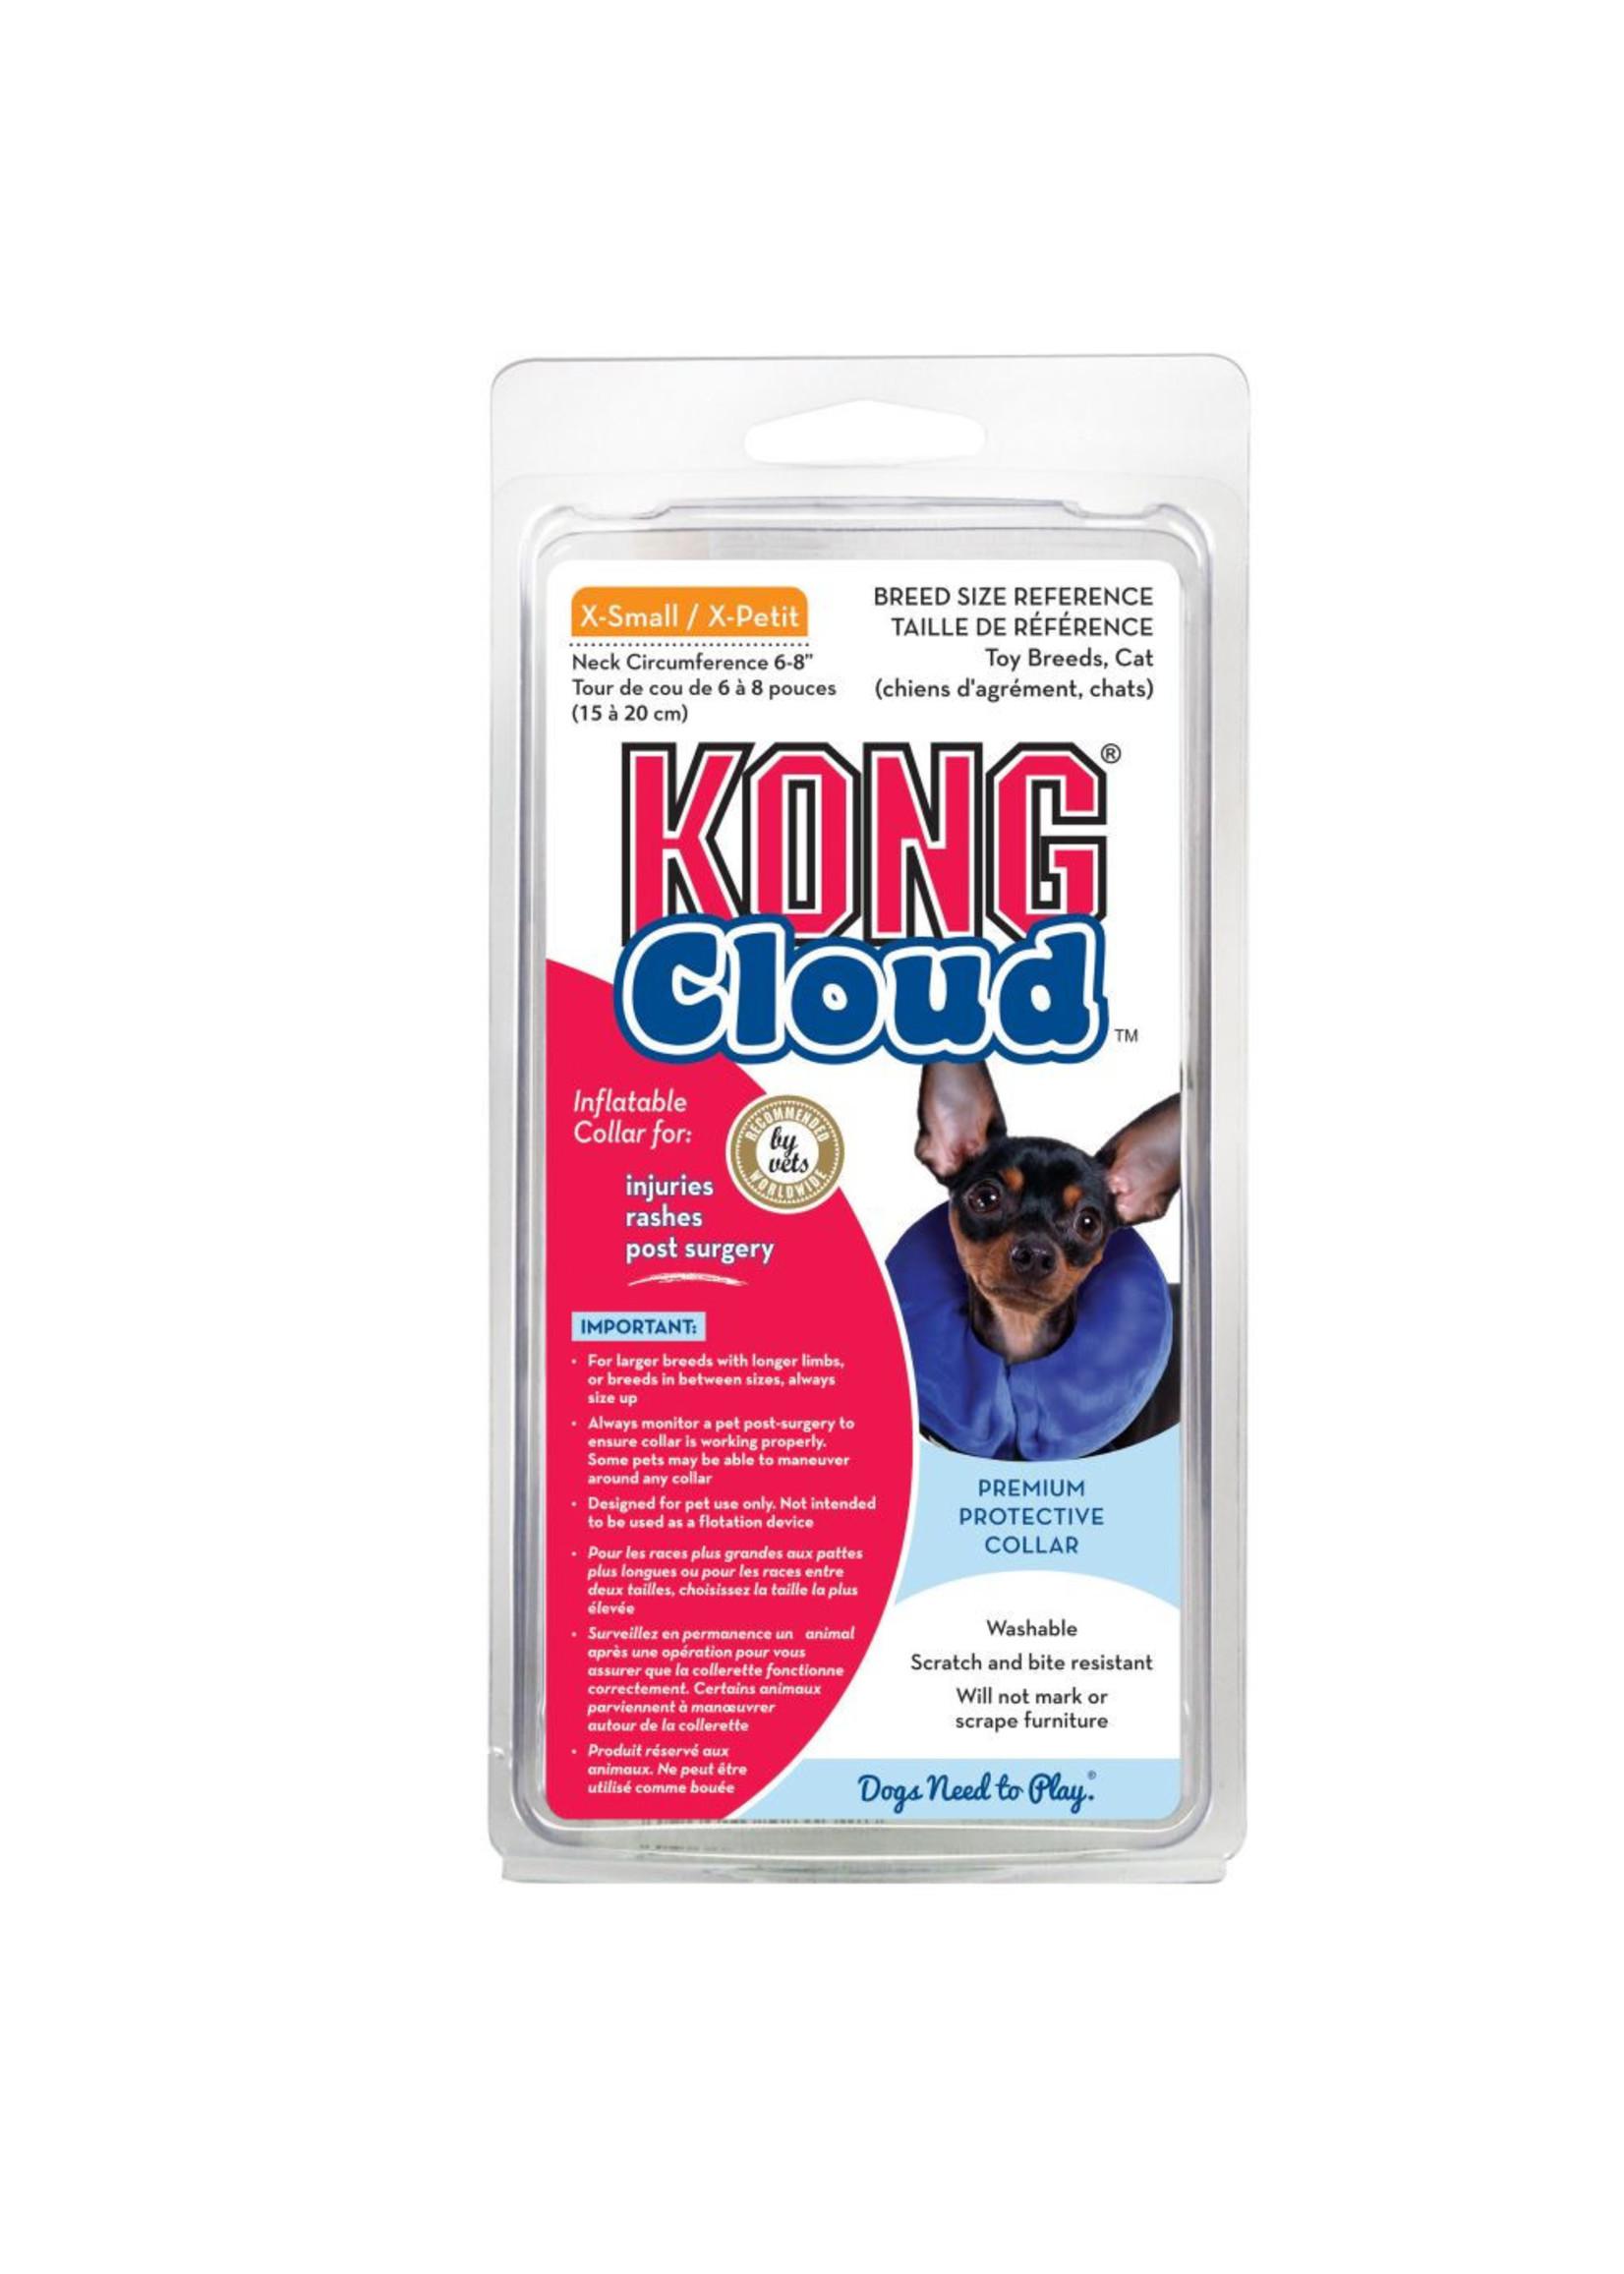 Kong Kong Cloud Collar XS